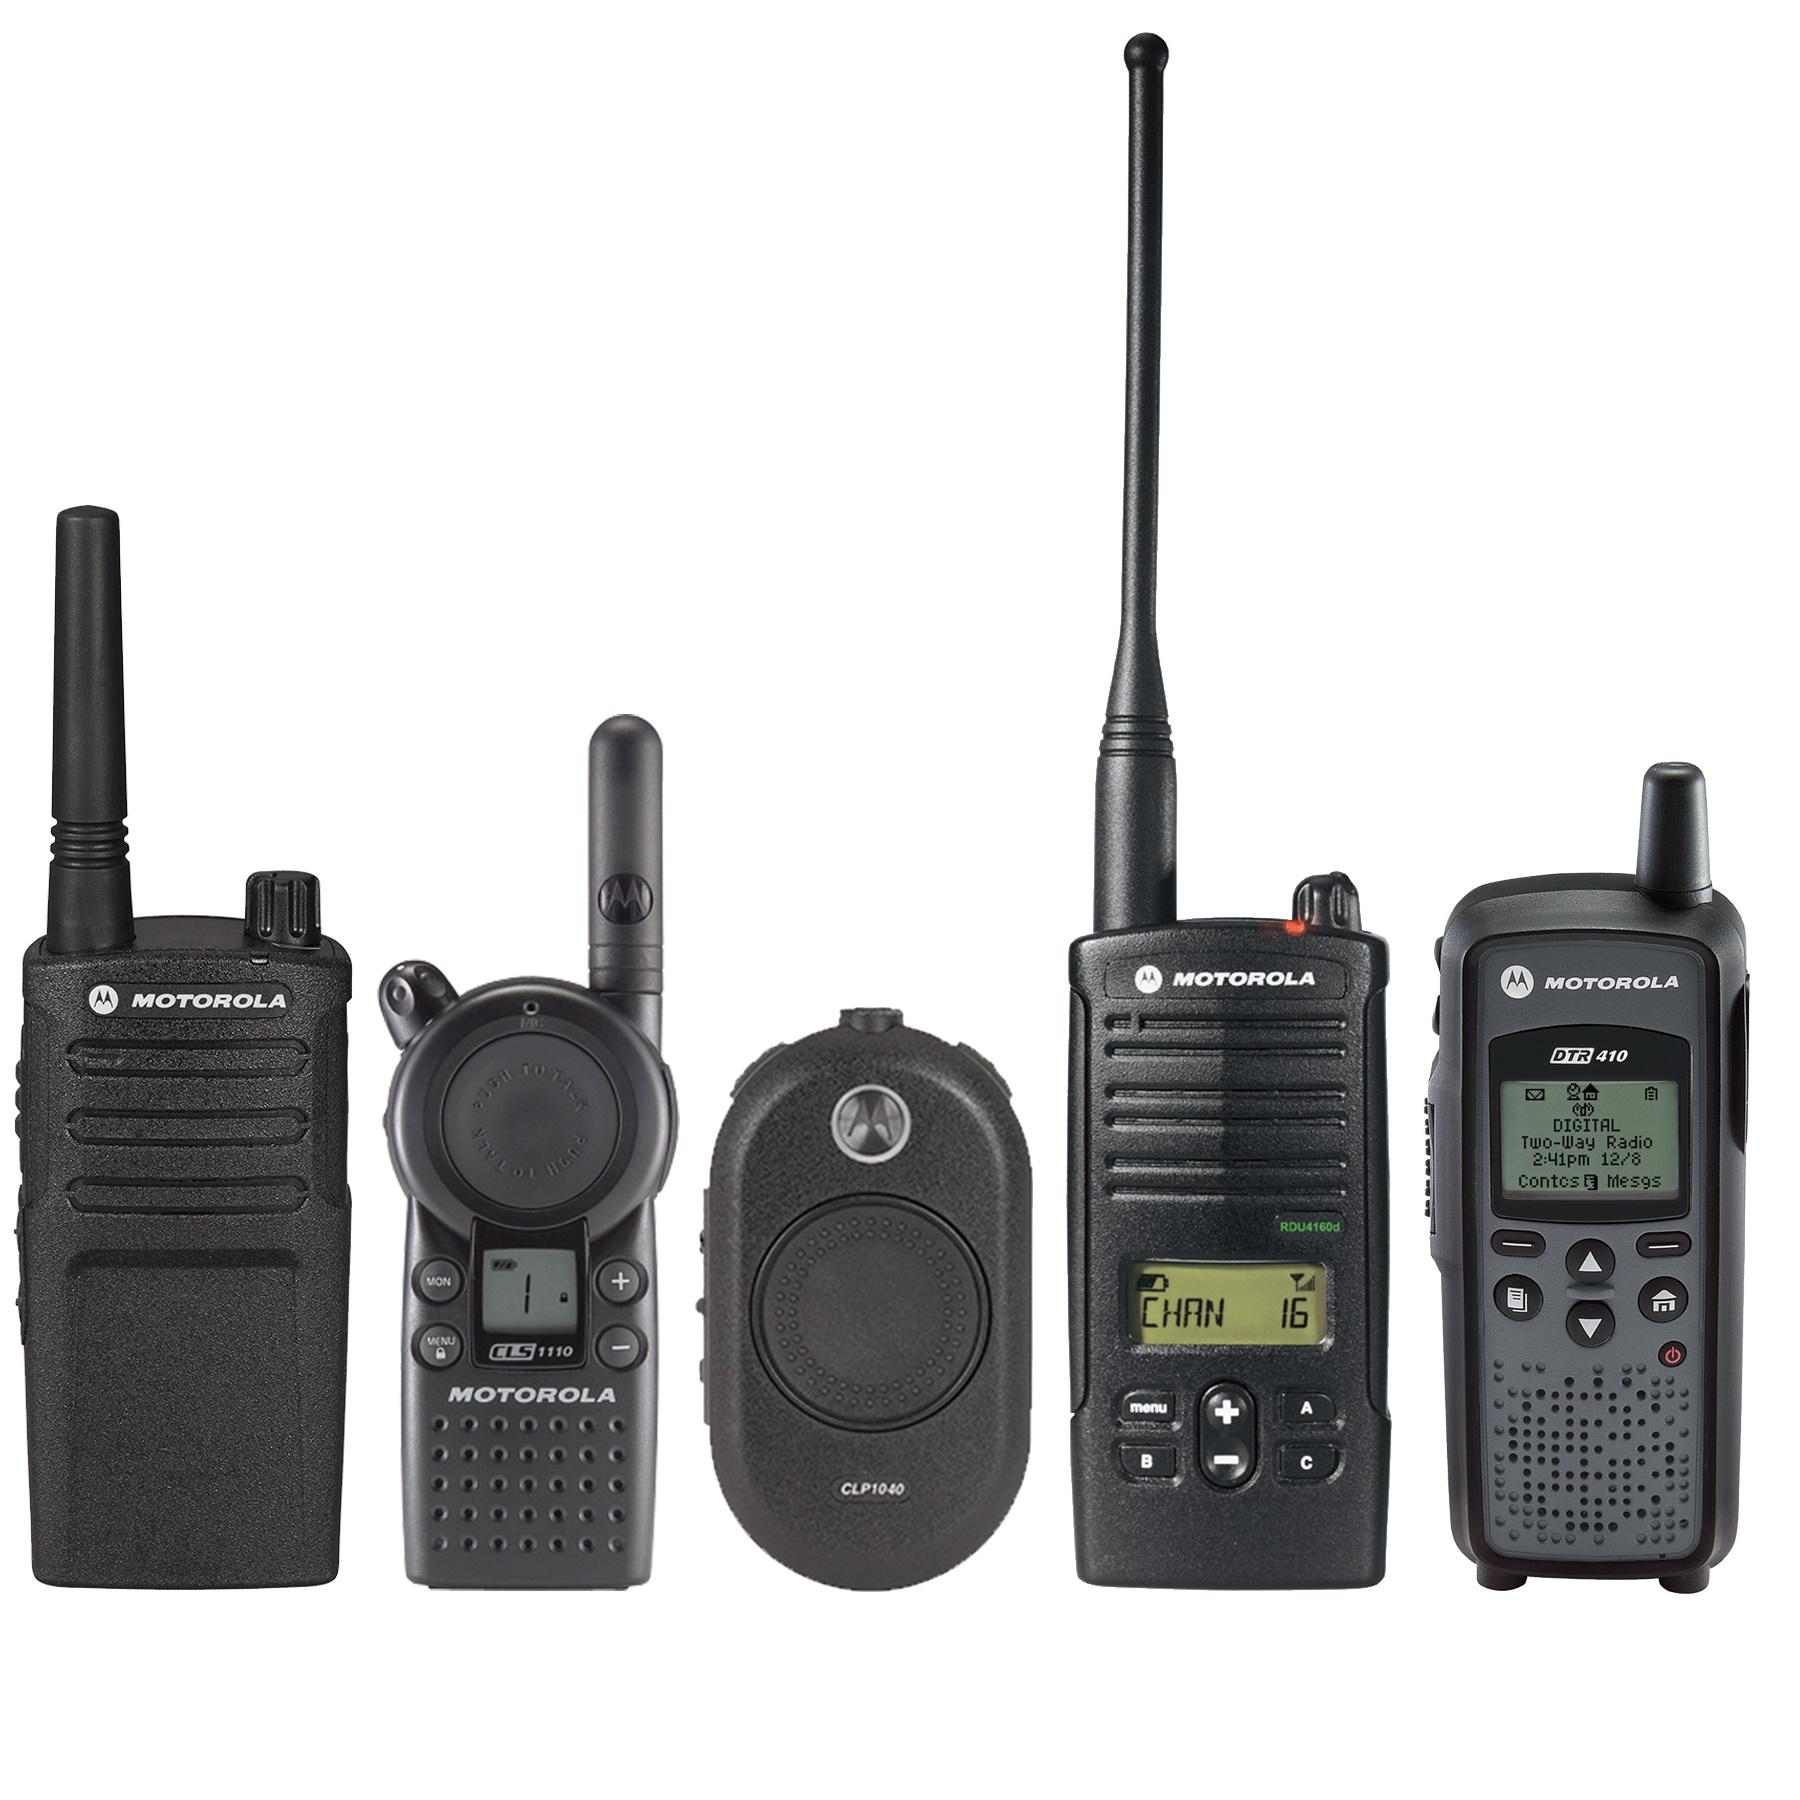 Motorola Business Walkie Talkies or Talkabout Walkie Talkies?